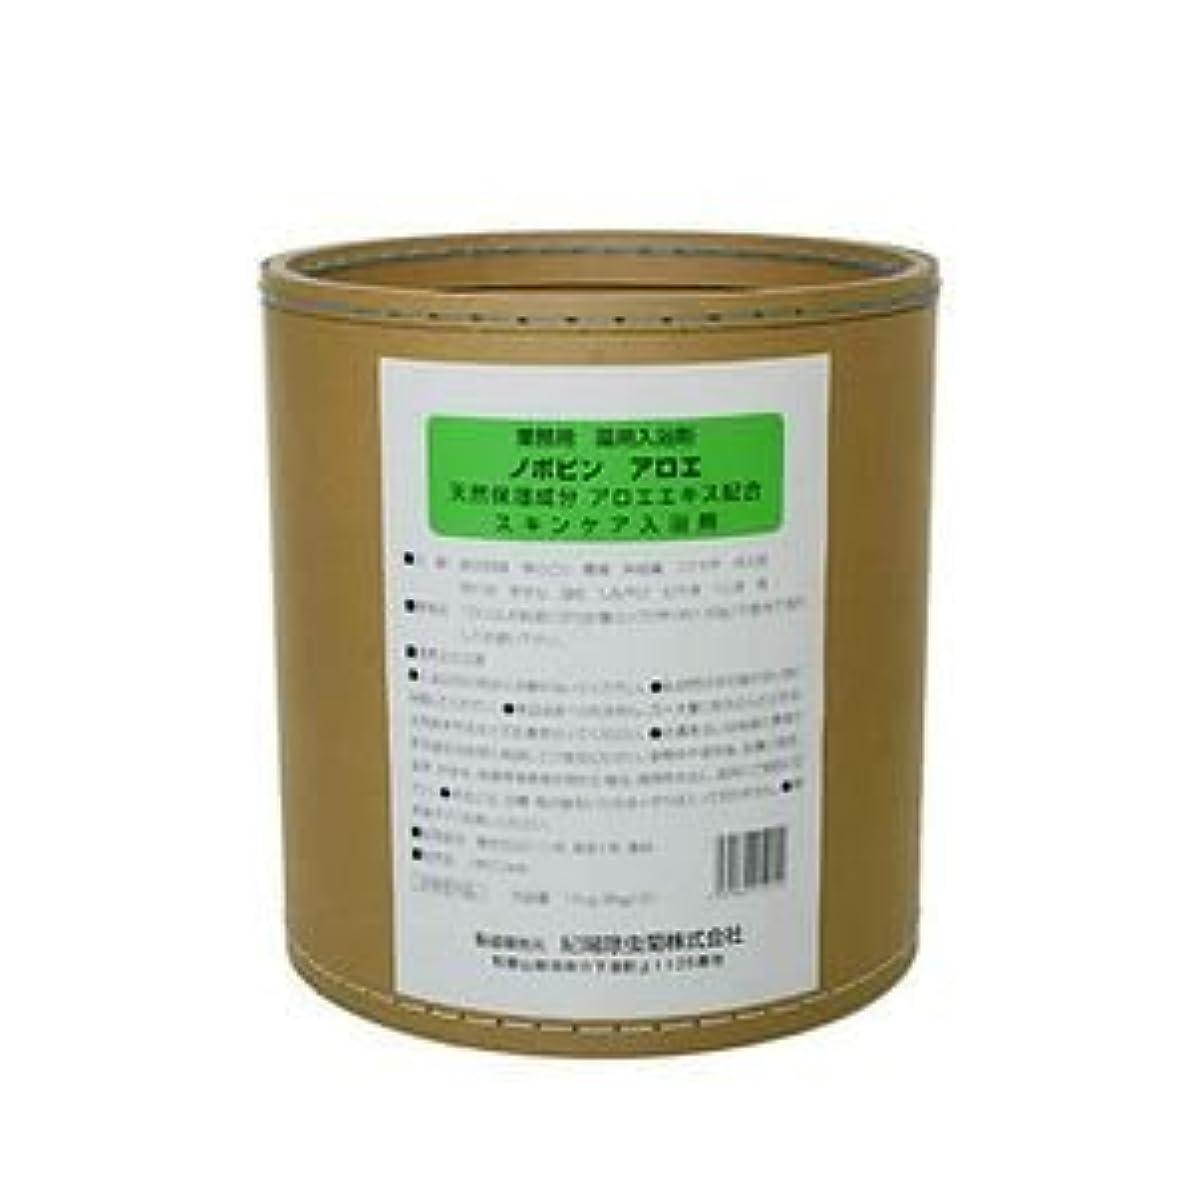 戦士火山恨み業務用 バス 入浴剤 ノボピン アロエ 16kg(8kg+2)